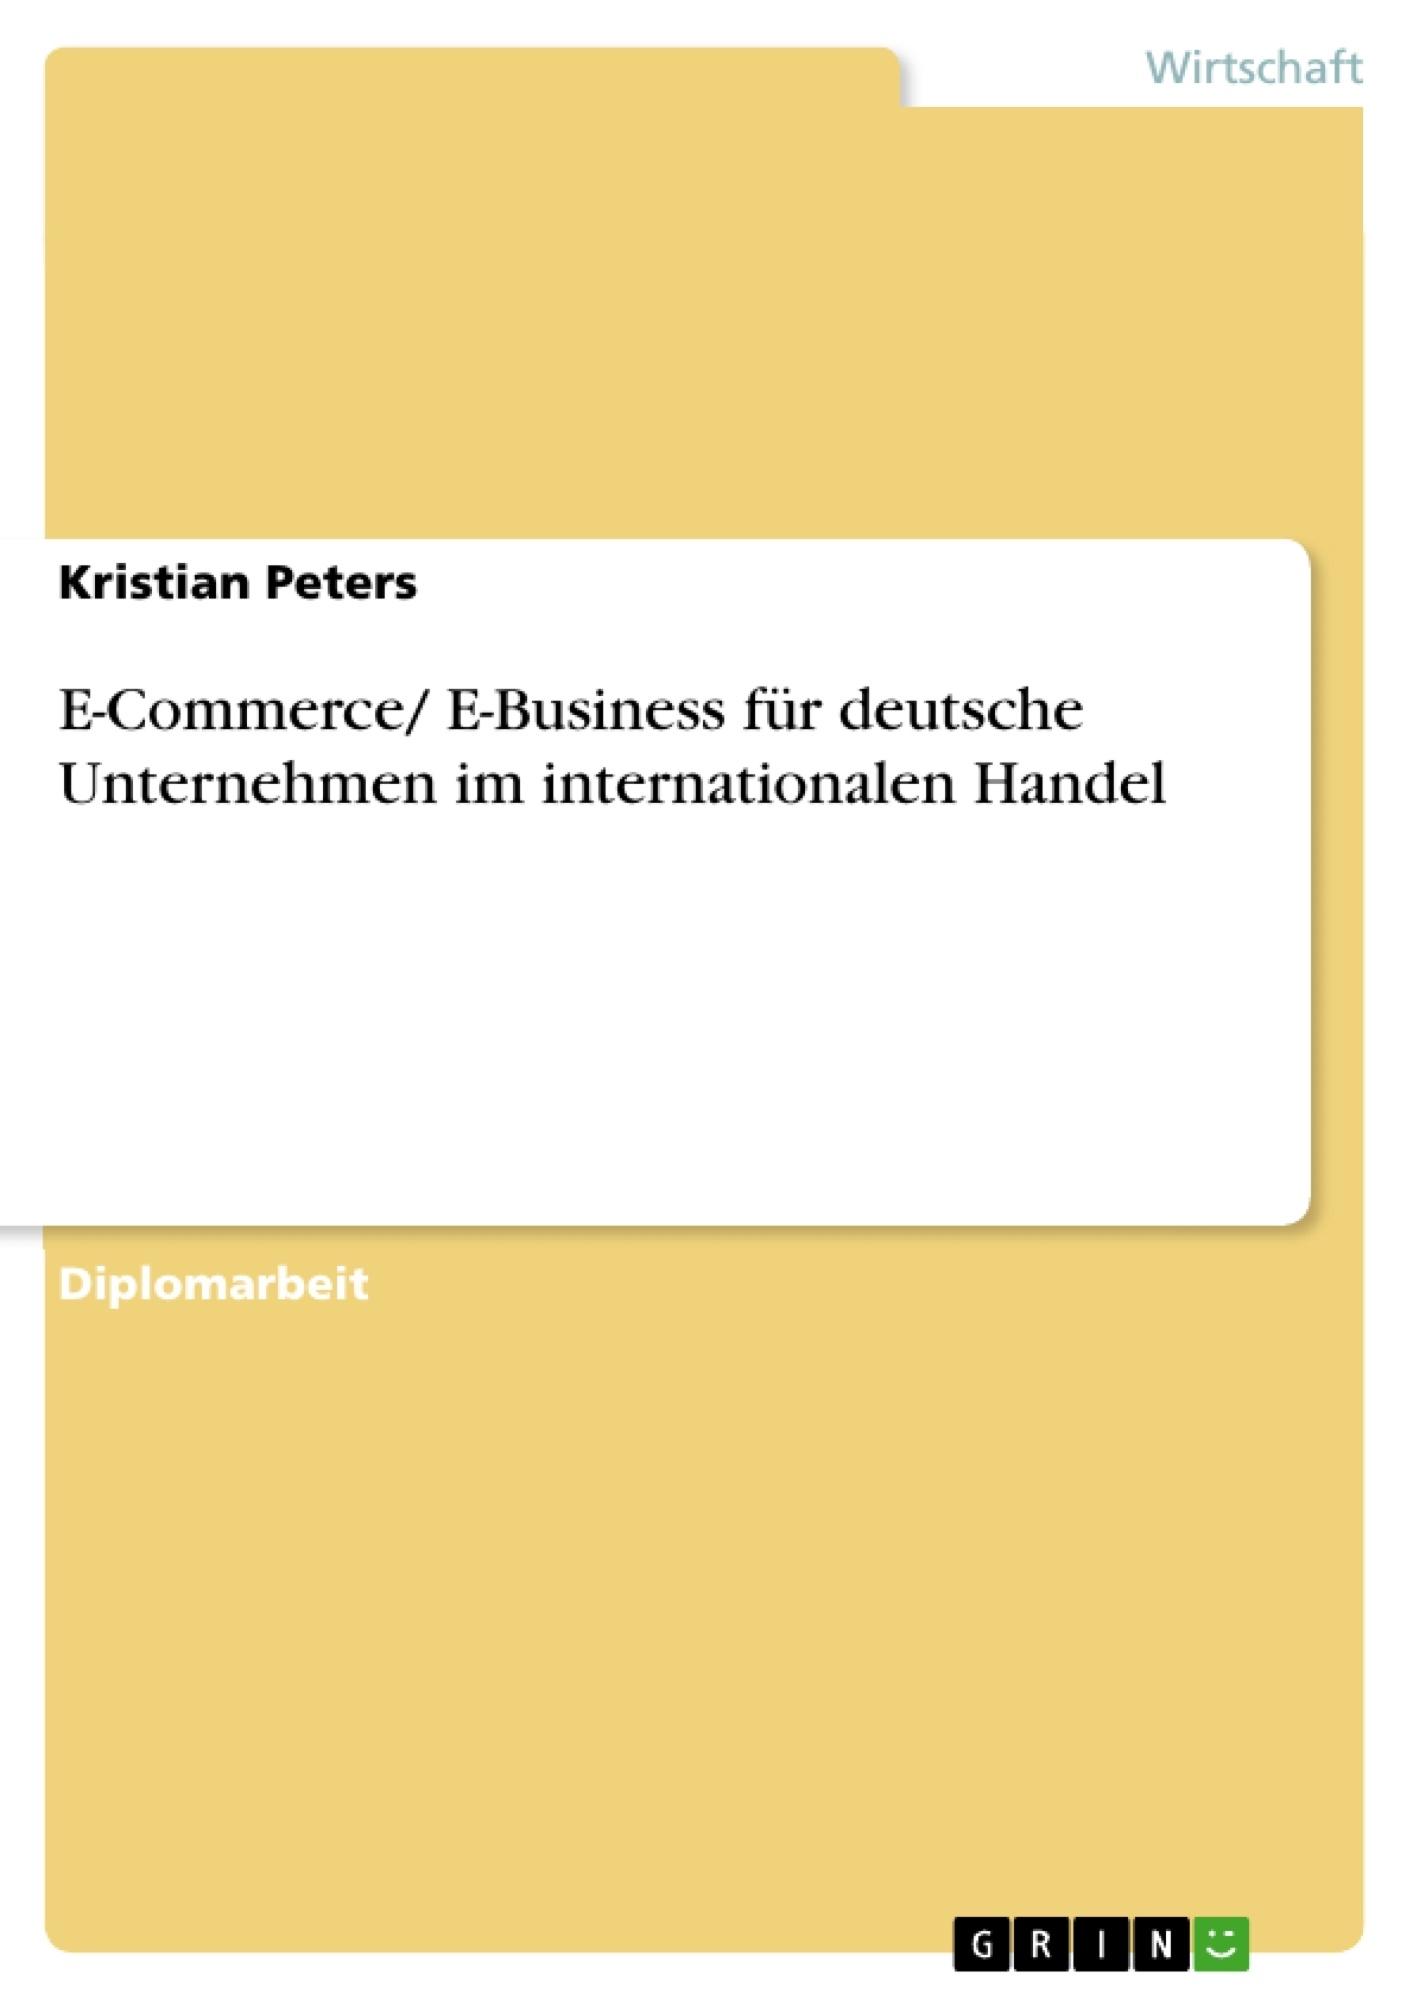 Titel: E-Commerce/ E-Business für deutsche Unternehmen im internationalen Handel